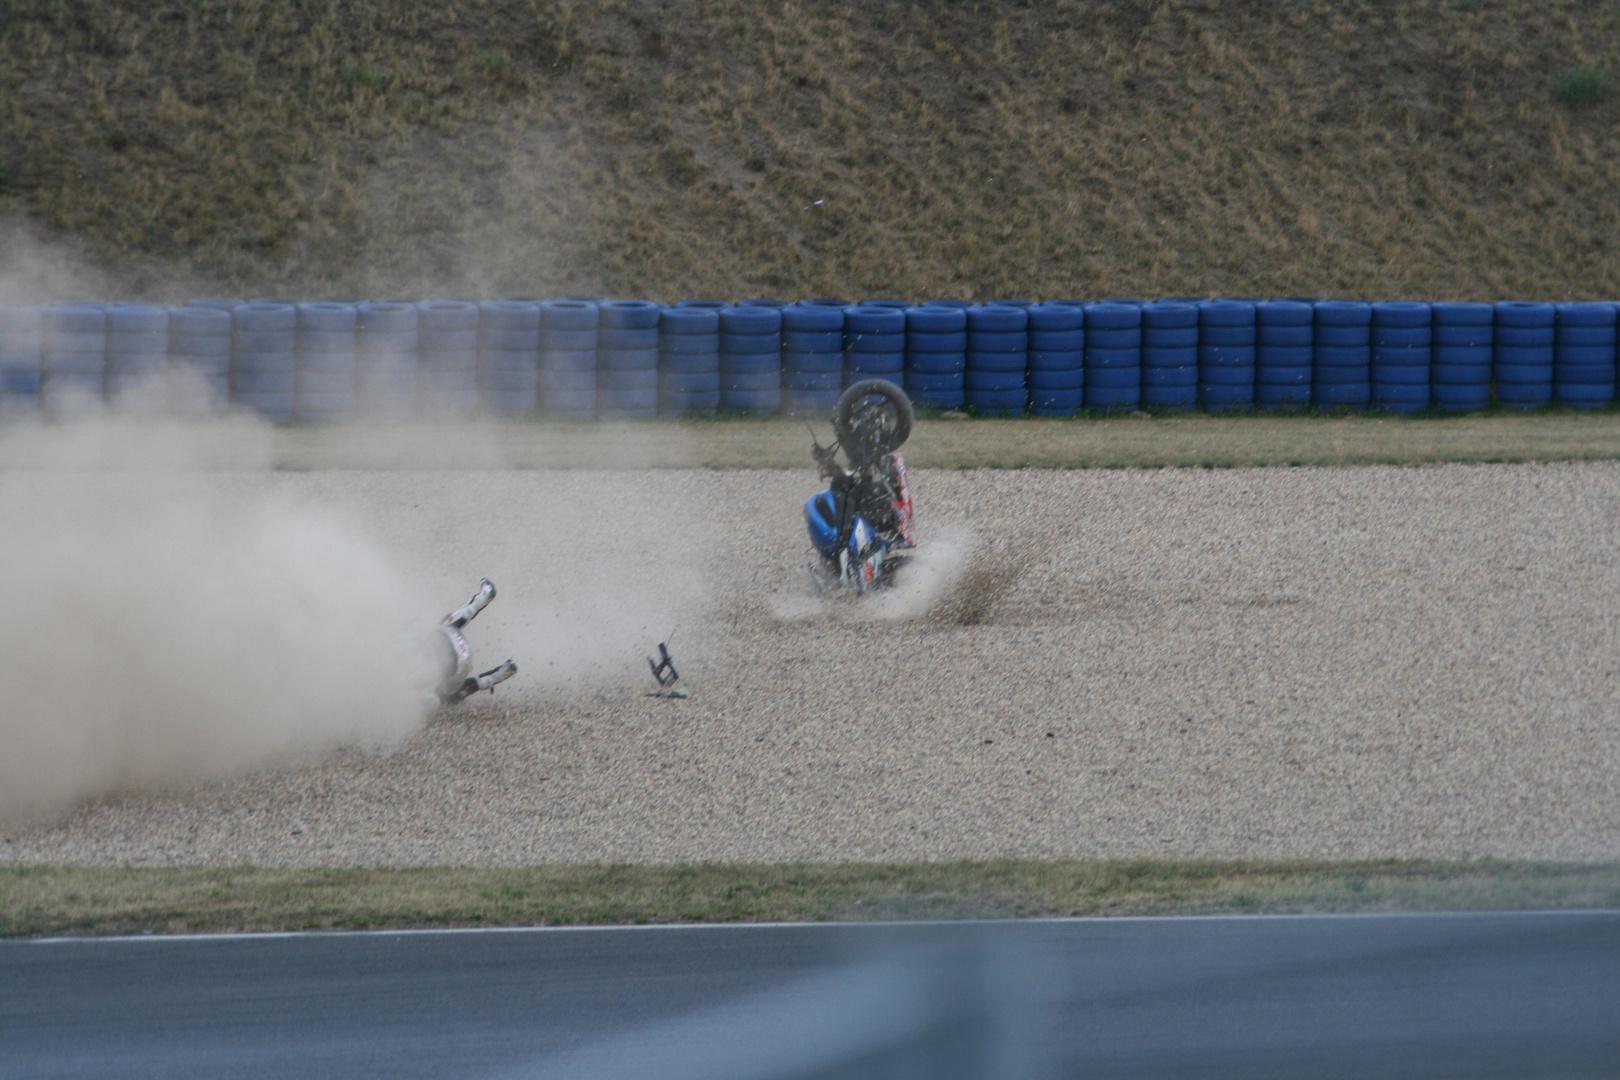 Flugphasen eines Motorradrennfahrers